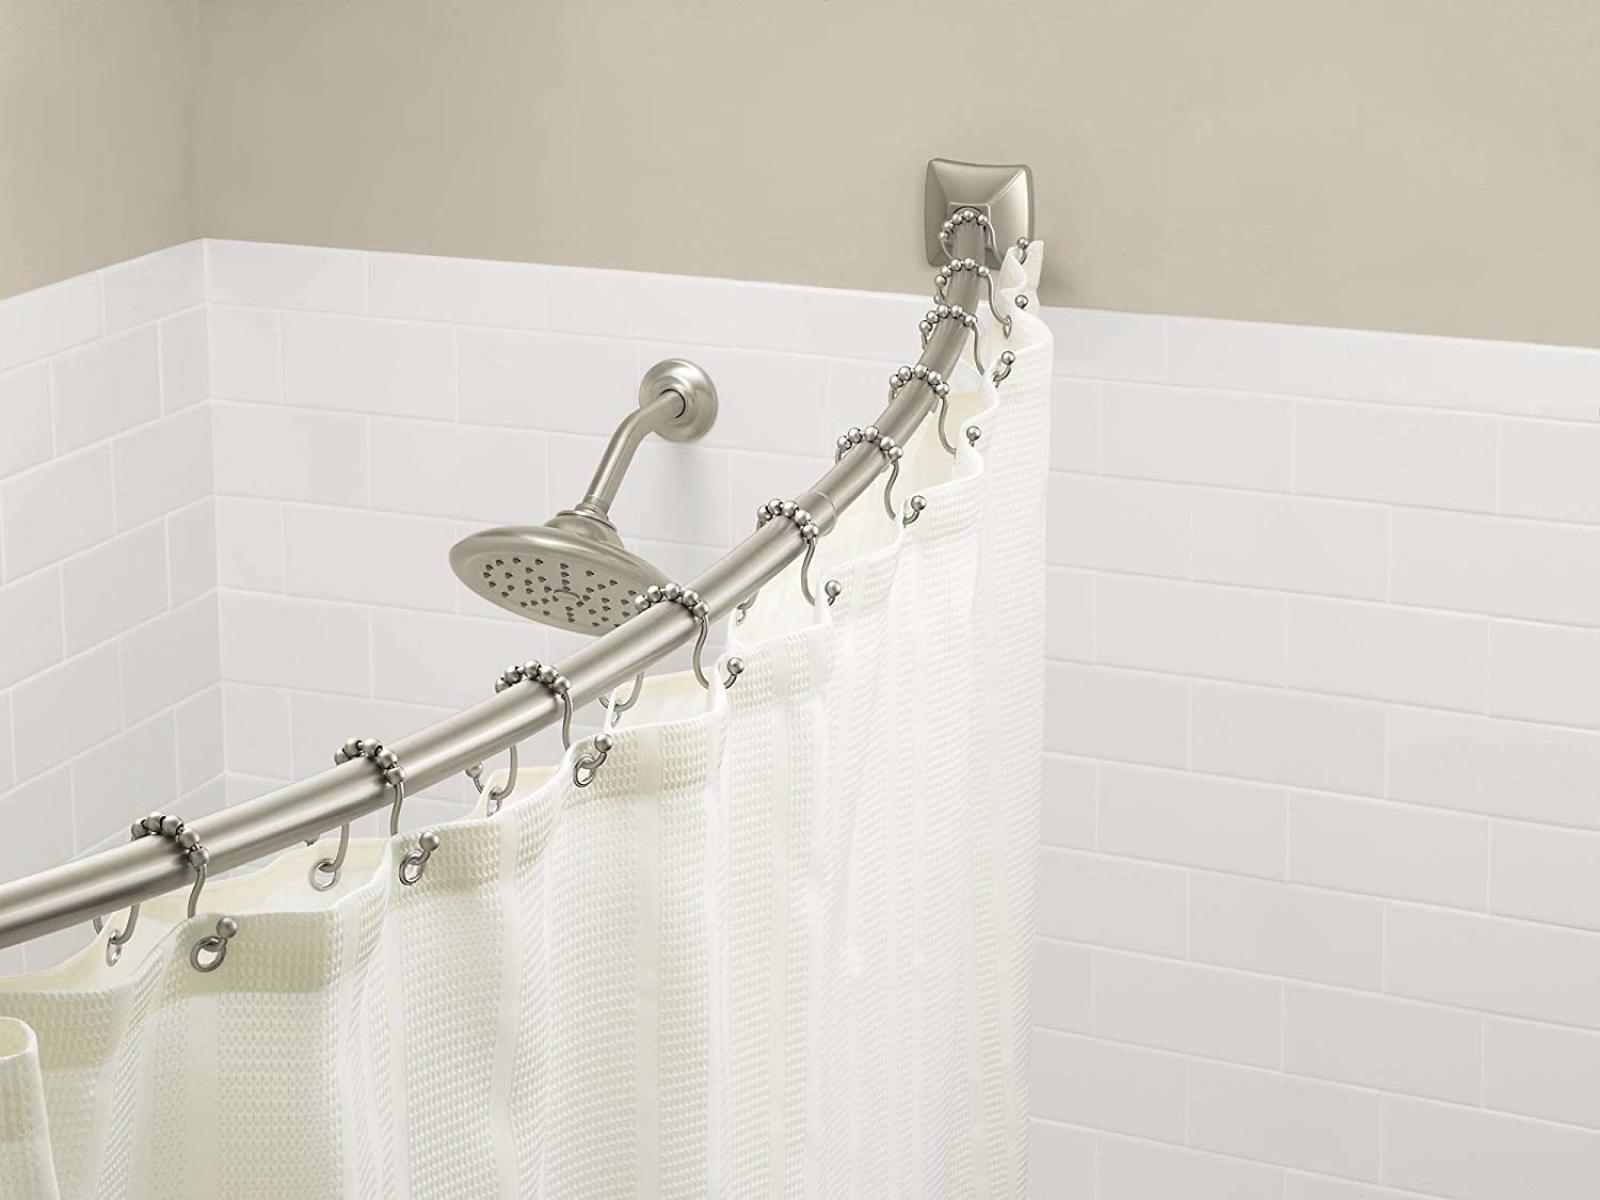 Details About Adjustable Curved Shower Curtain Rod Bathroom Bathtub Circular Bath Tub Bar Rail